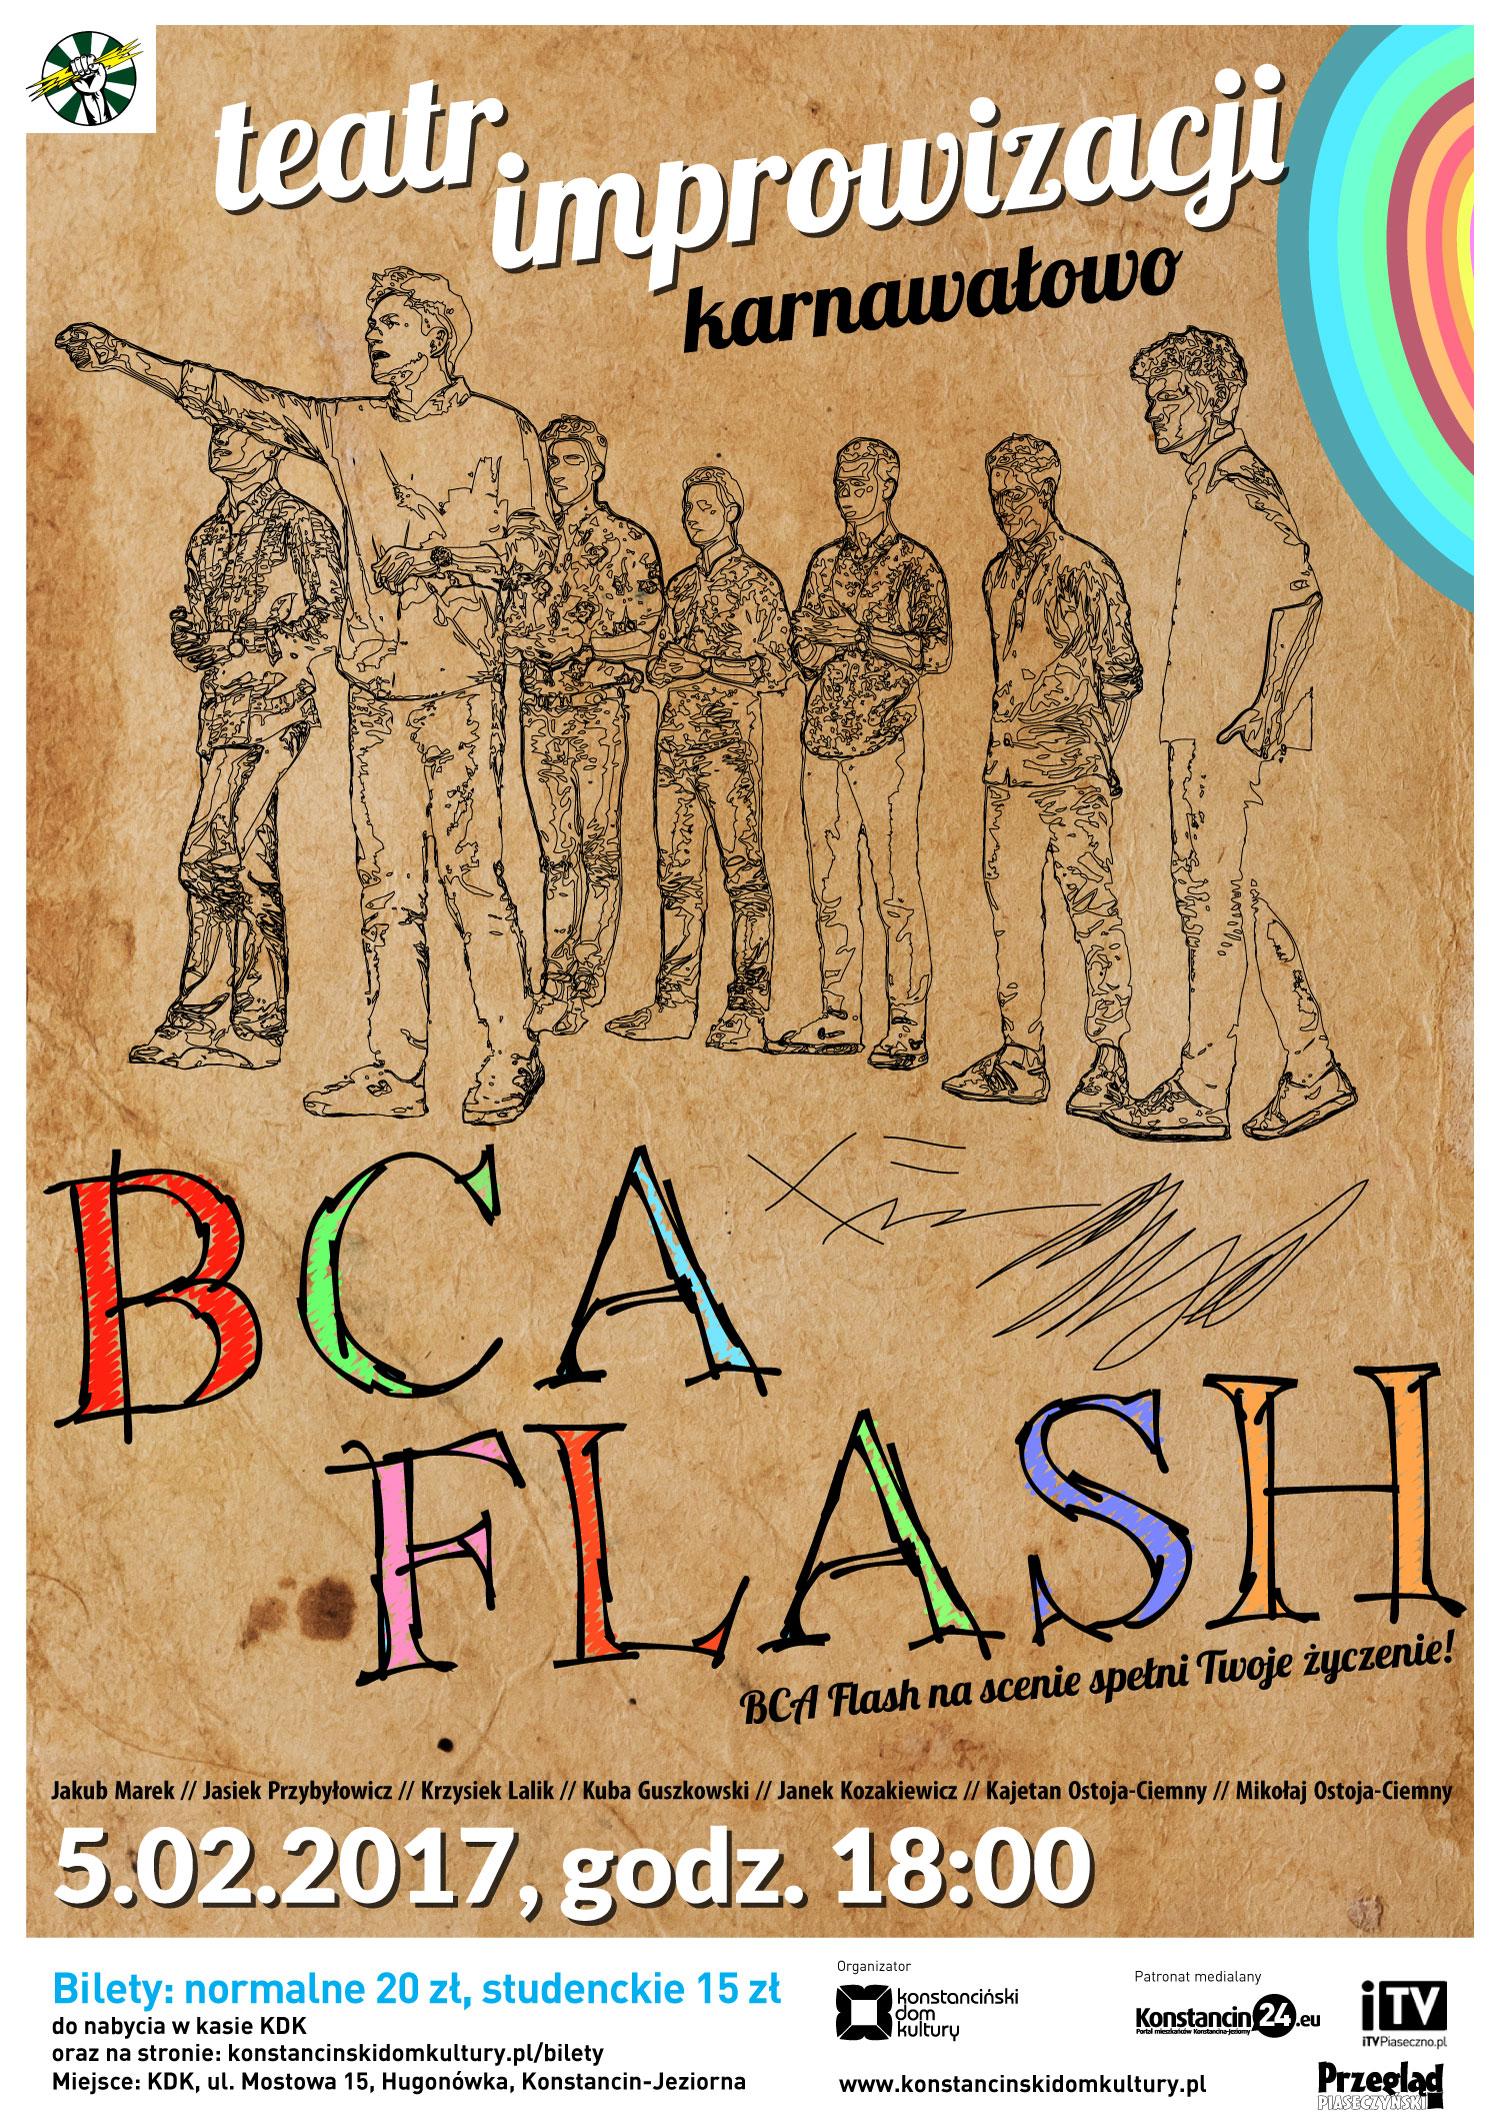 BCA Flash karnawałowo